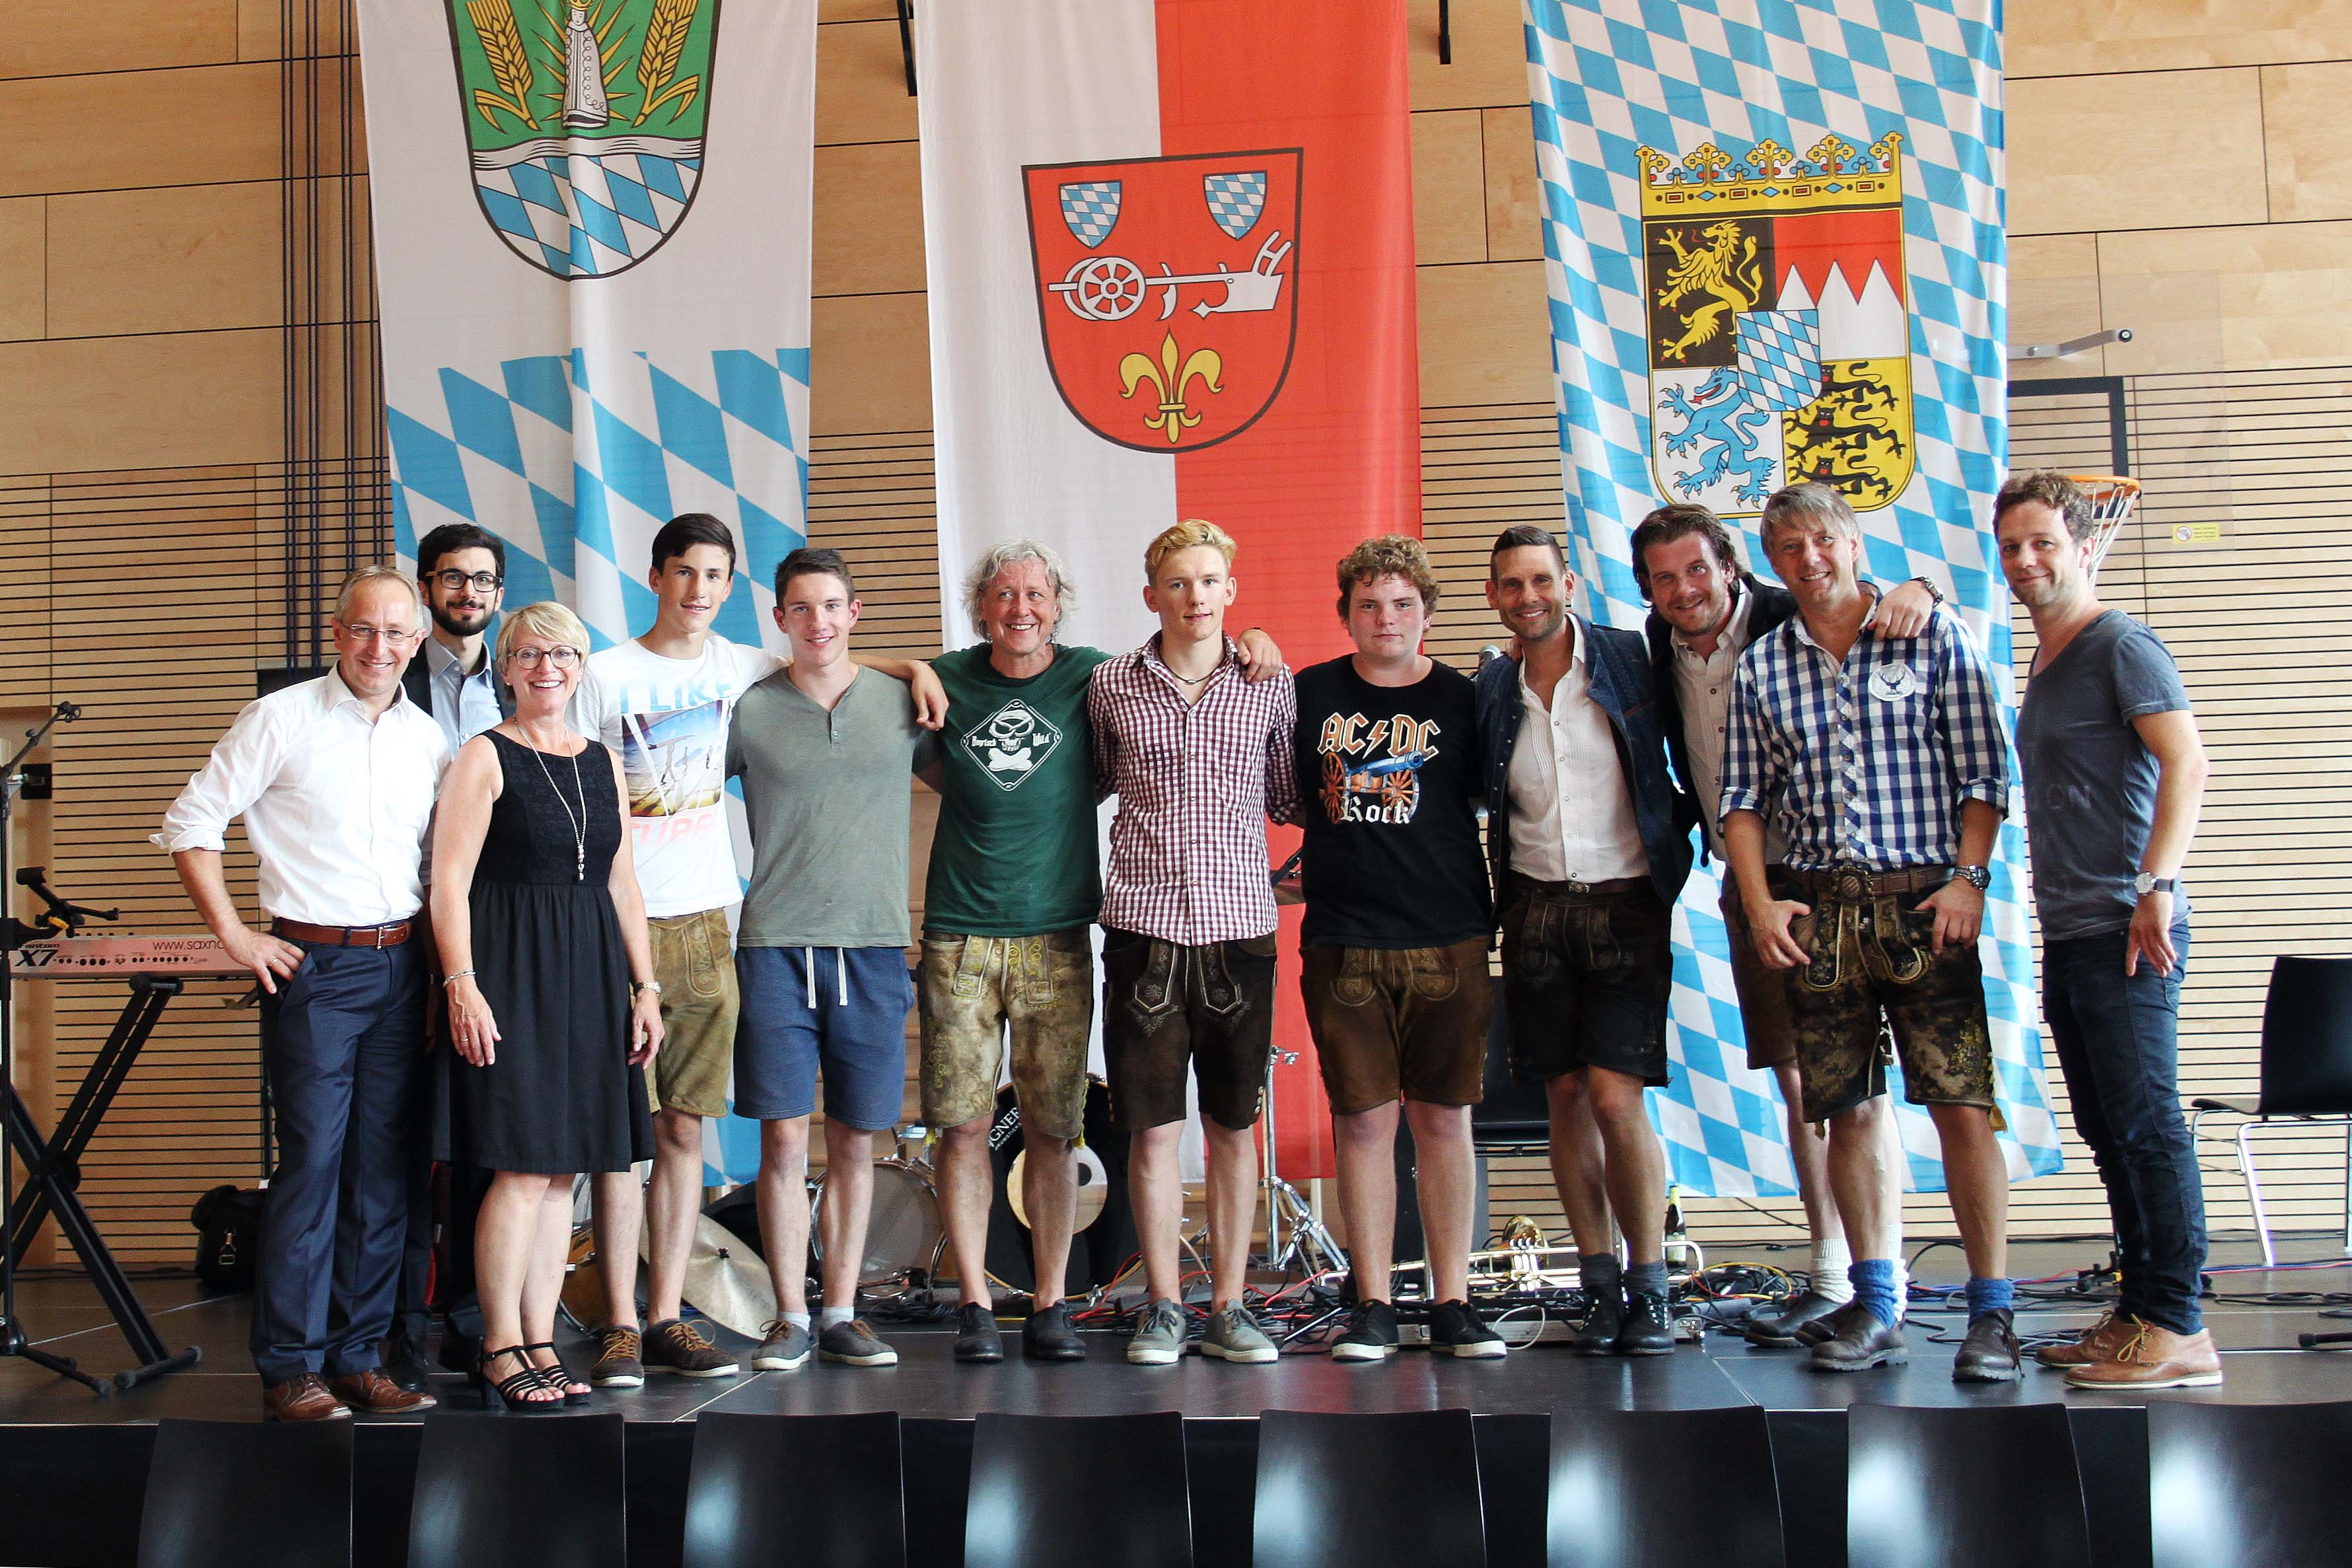 Jakob Sandtner Realschule Straubing